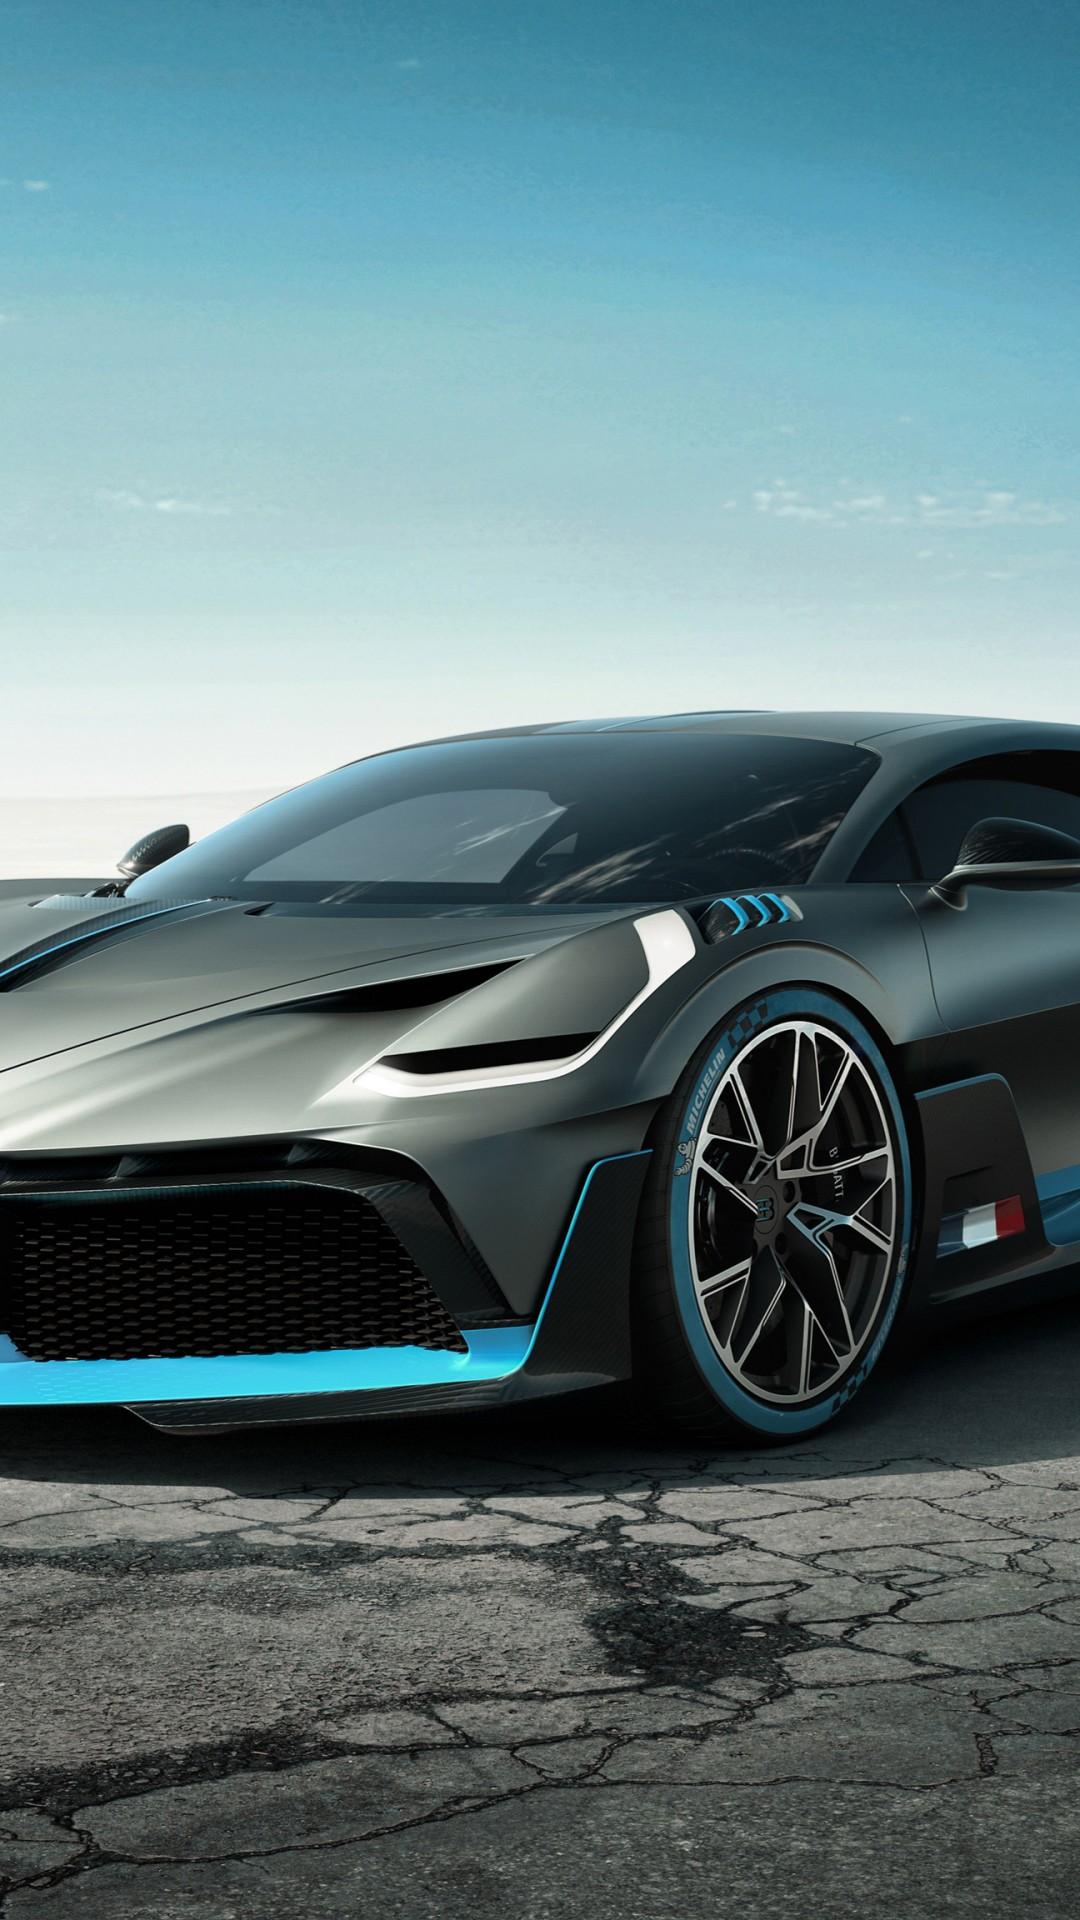 Wallpaper Bugatti Divo 2019 Cars